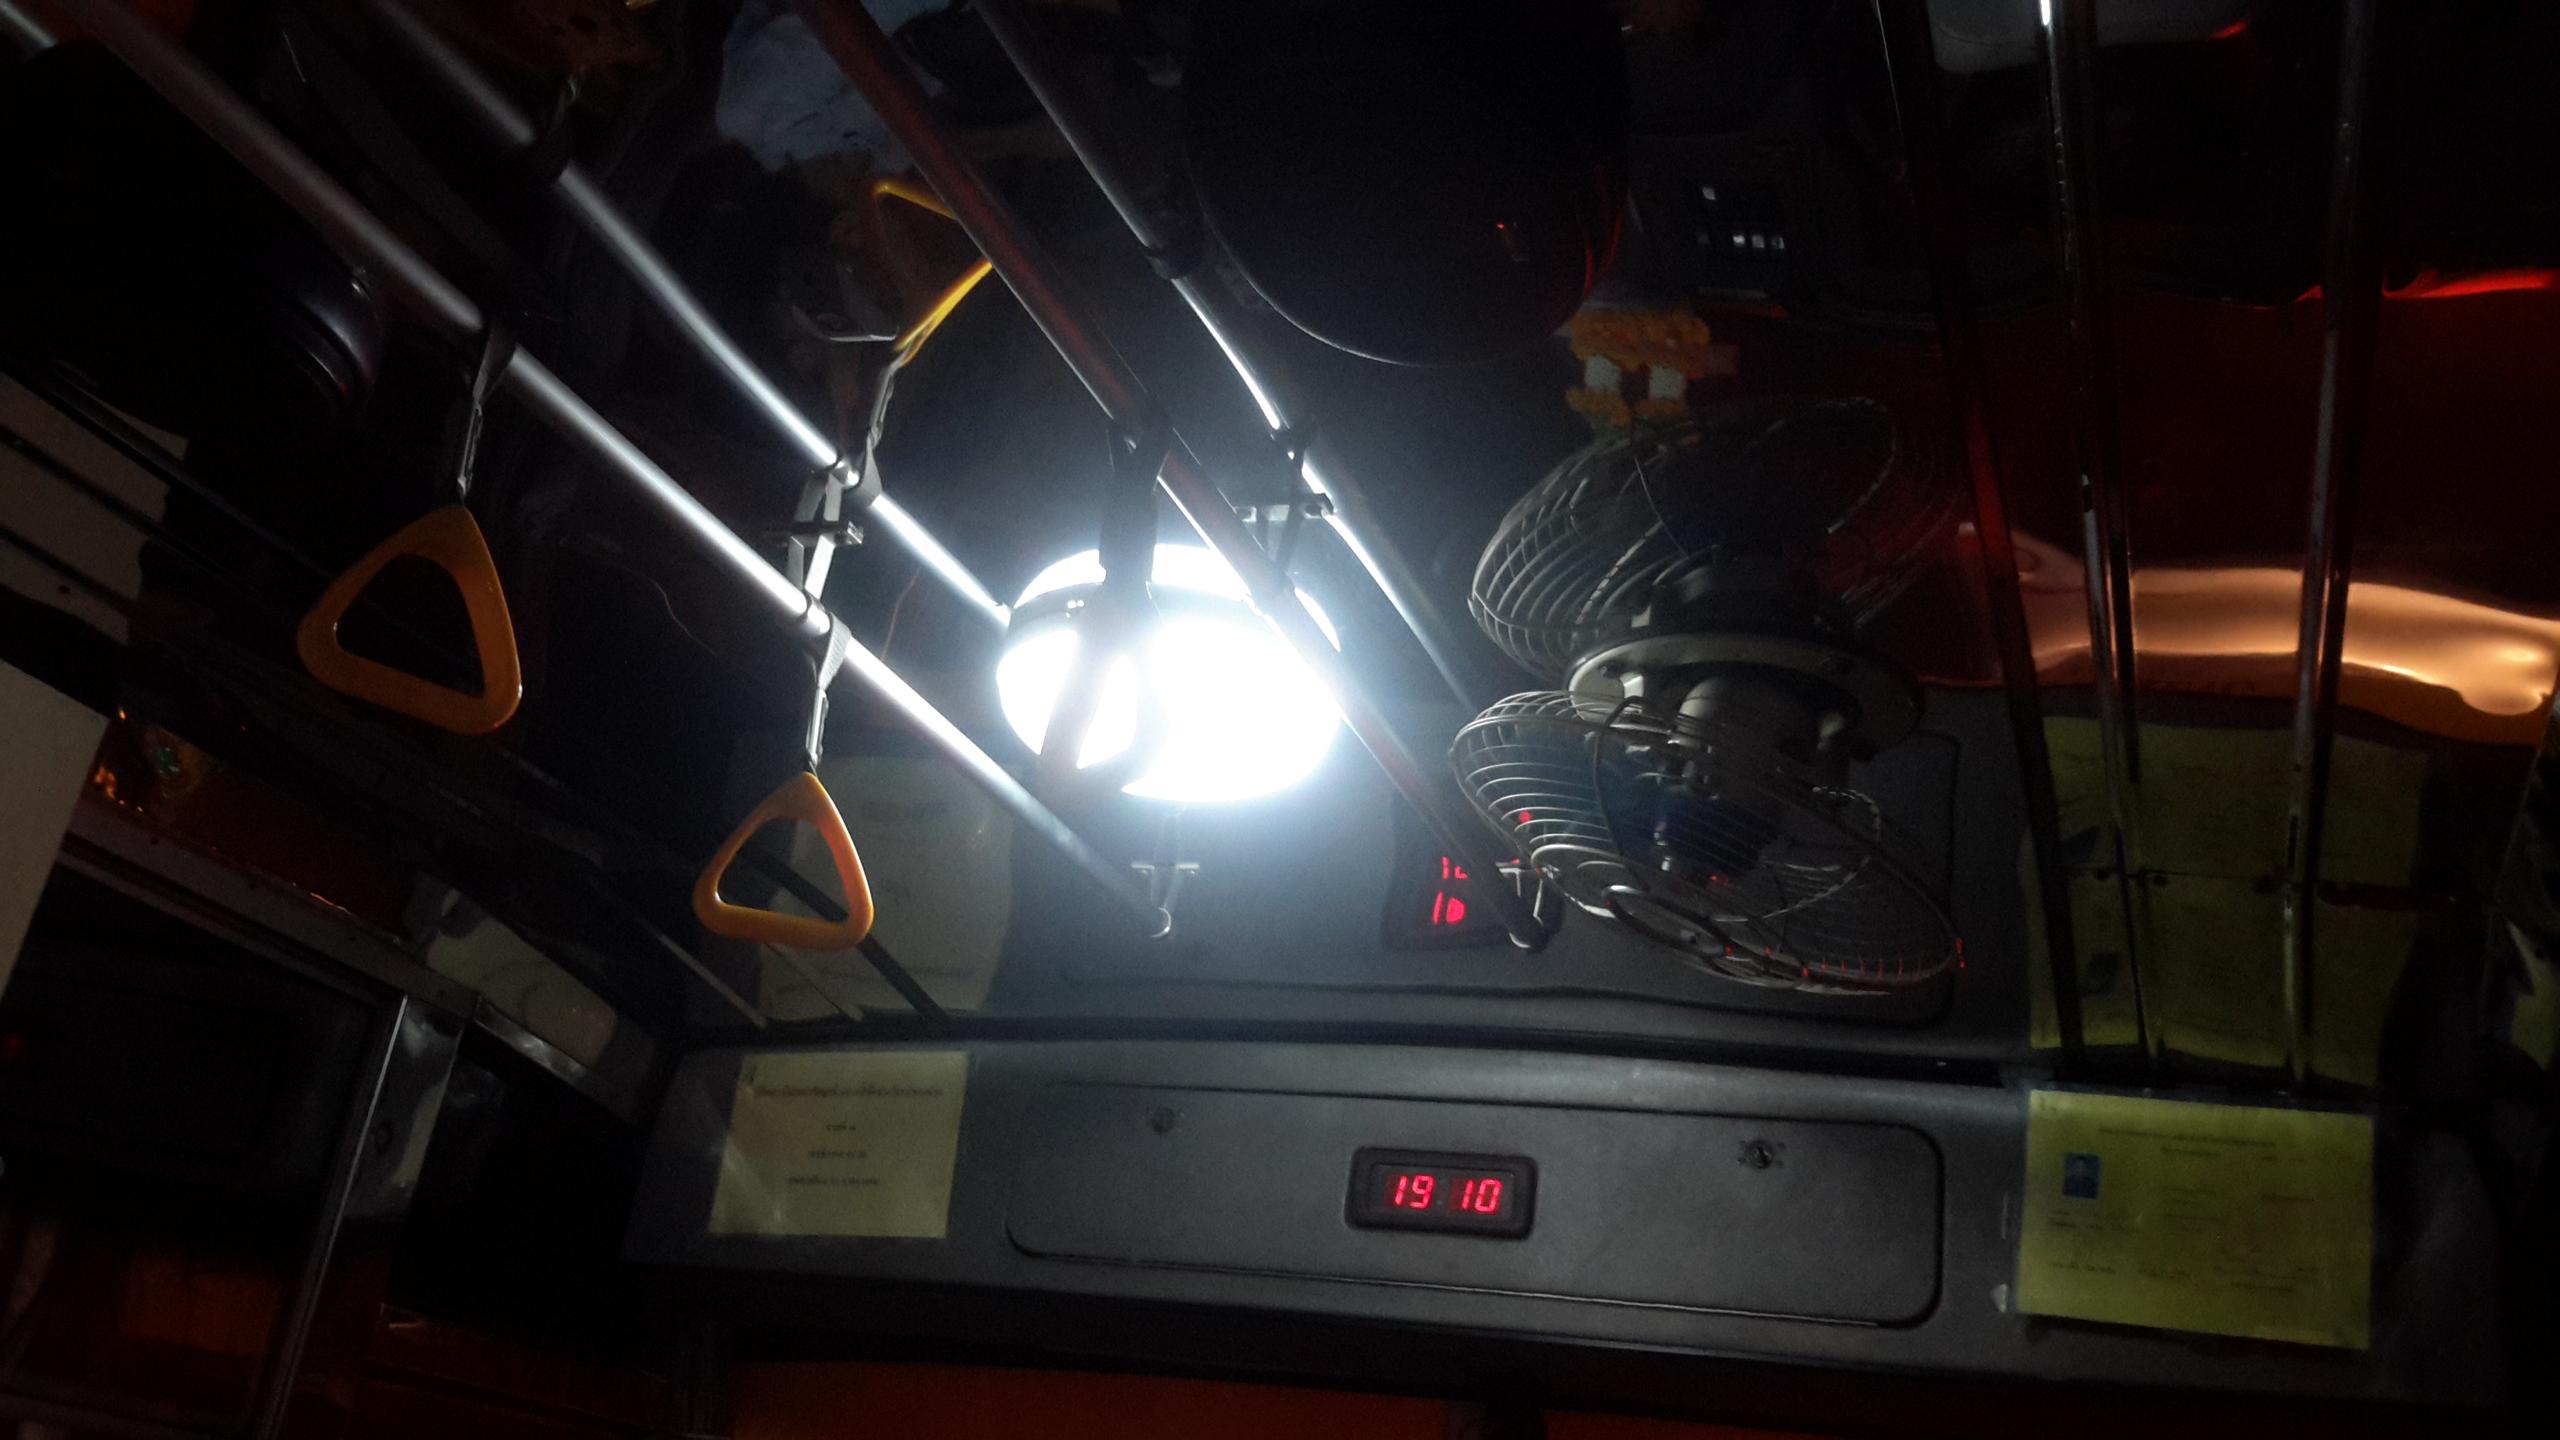 Retro bus at night